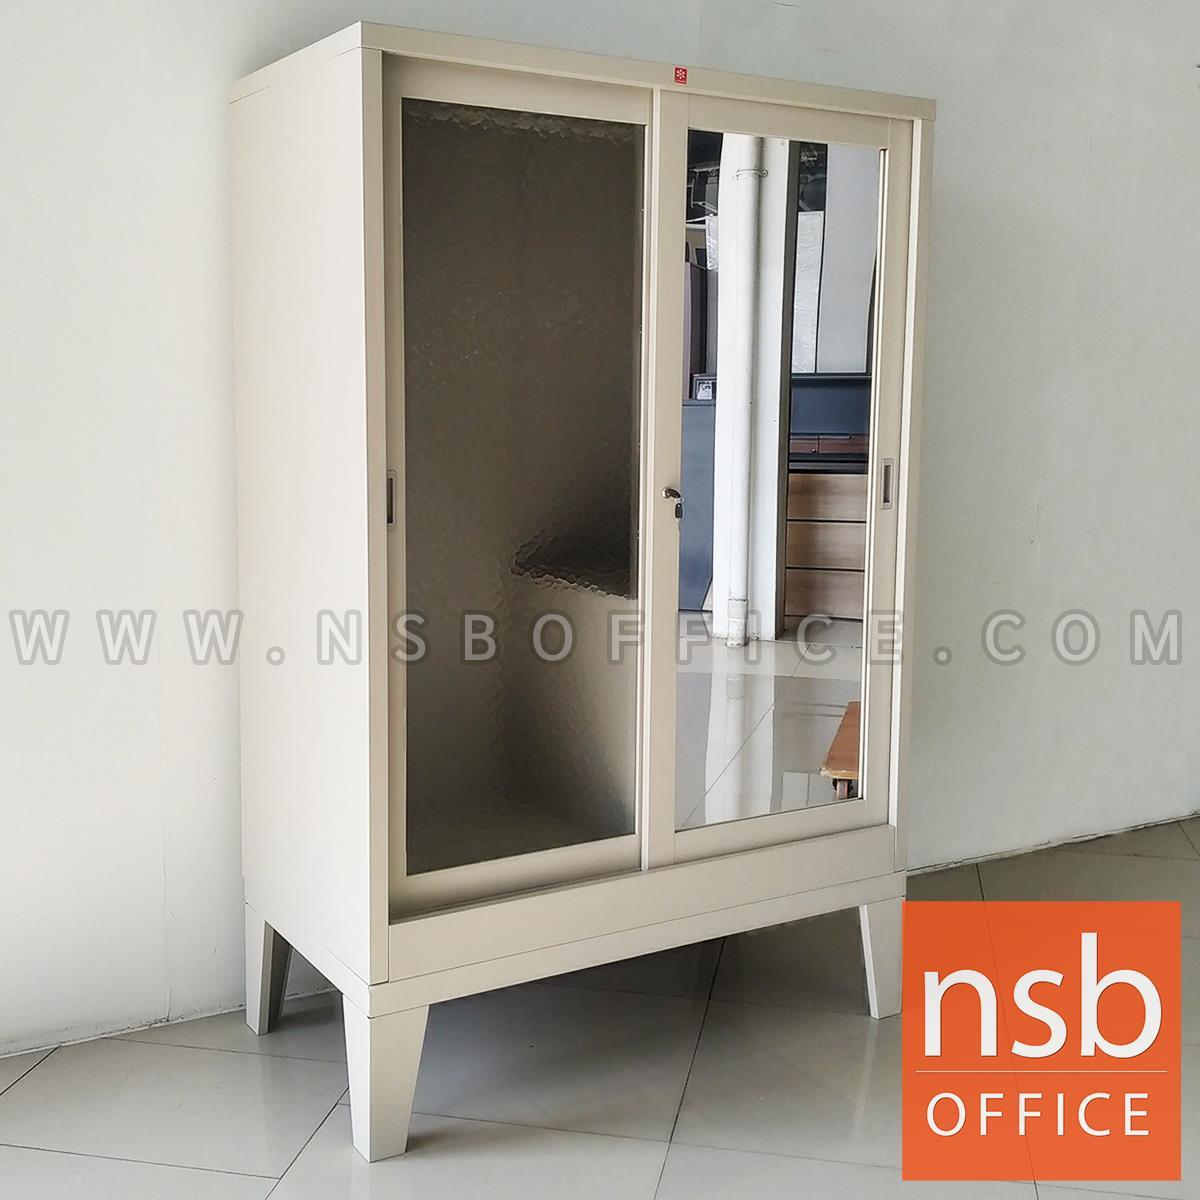 E31A100:ตู้เสื้อผ้าบานเลื่อนกระจกทับทิมและกระจกเงา (สต็อกหน้าร้าน 1 ตัว) รุ่น KSM-152K & ST-152K ขนาด 118W*62D cm.  มีฐานรอง กุญแจล็อก